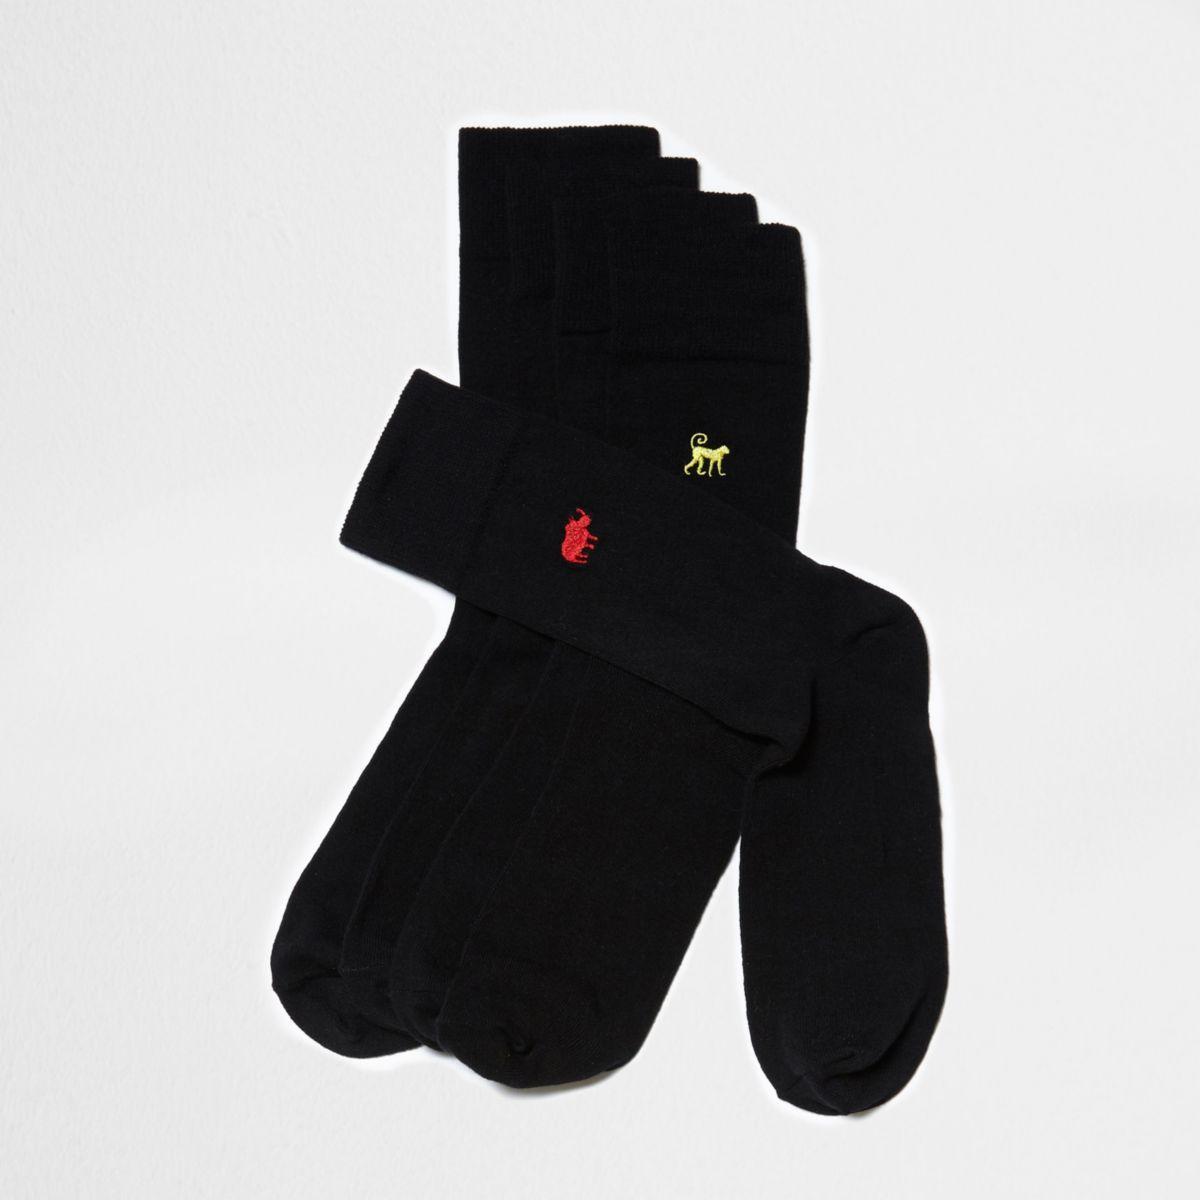 Big & Tall black animal socks multipack